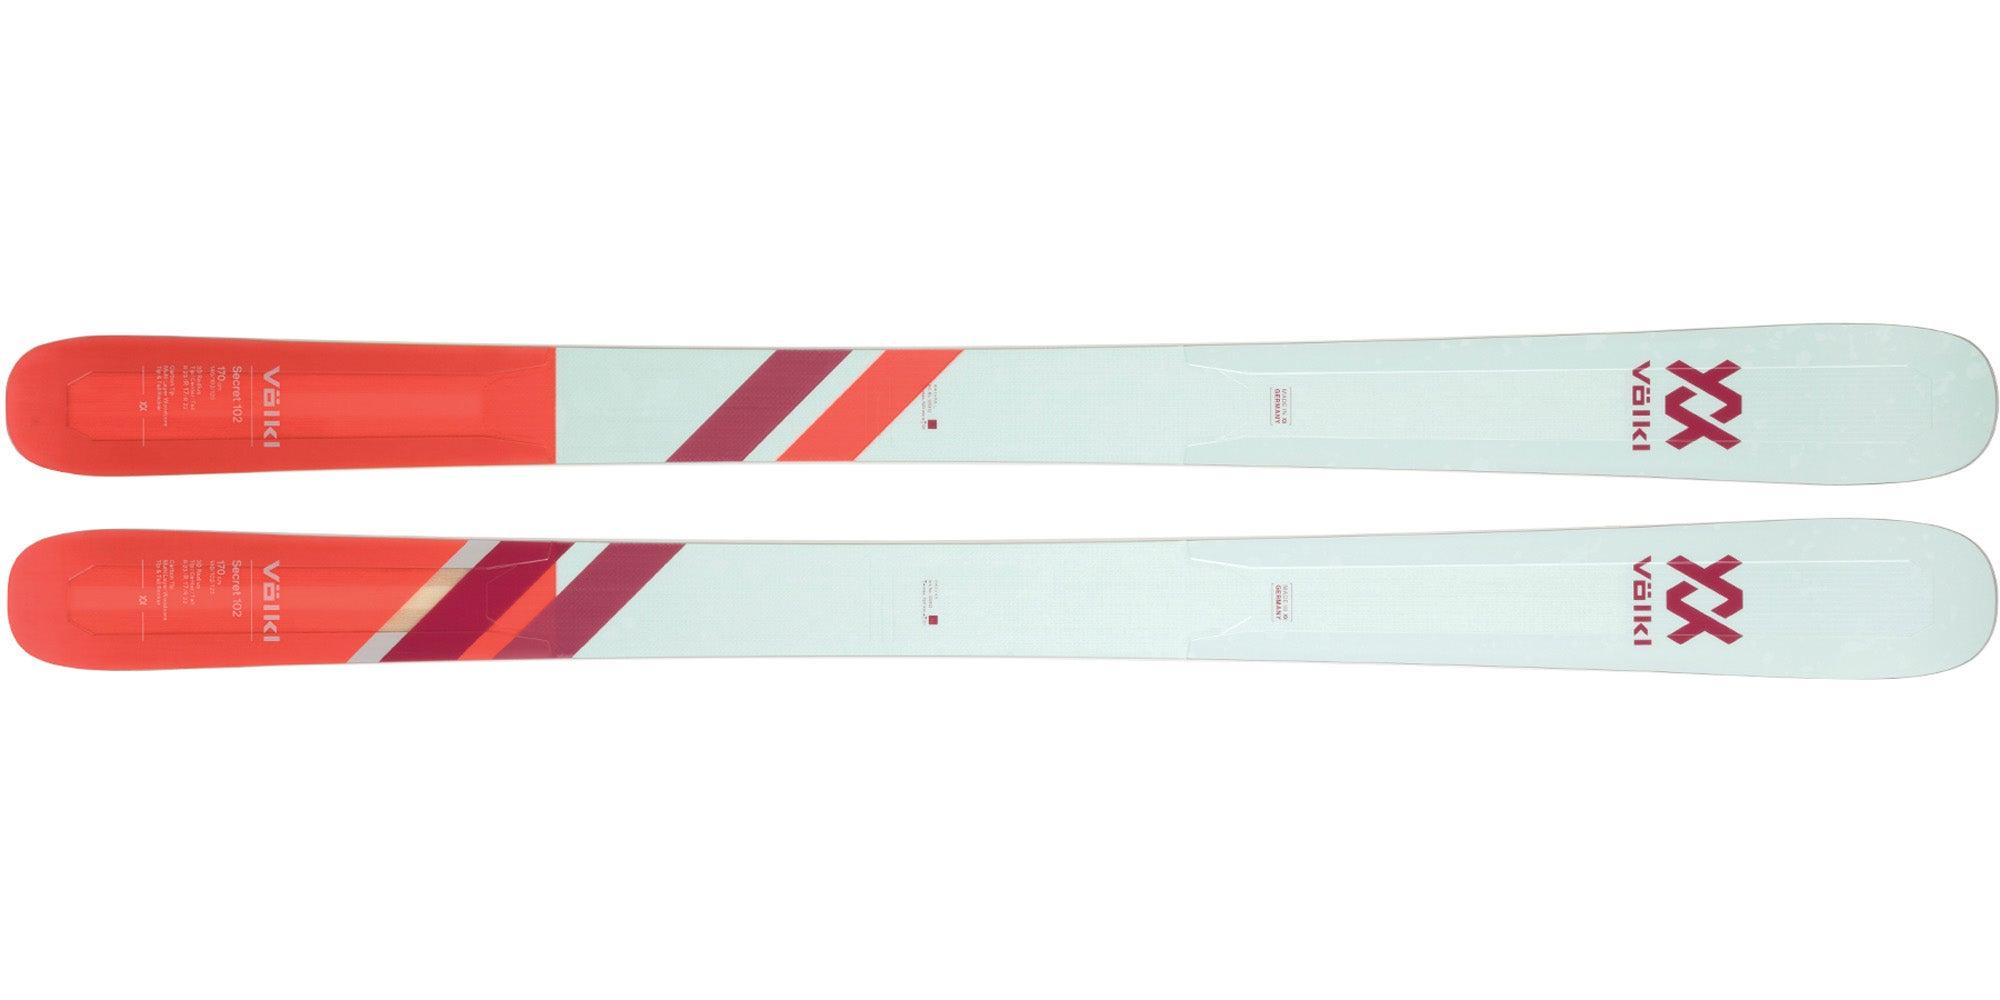 The 2021 Völkl Secret 102 Women's All-Mountain Wide Ski